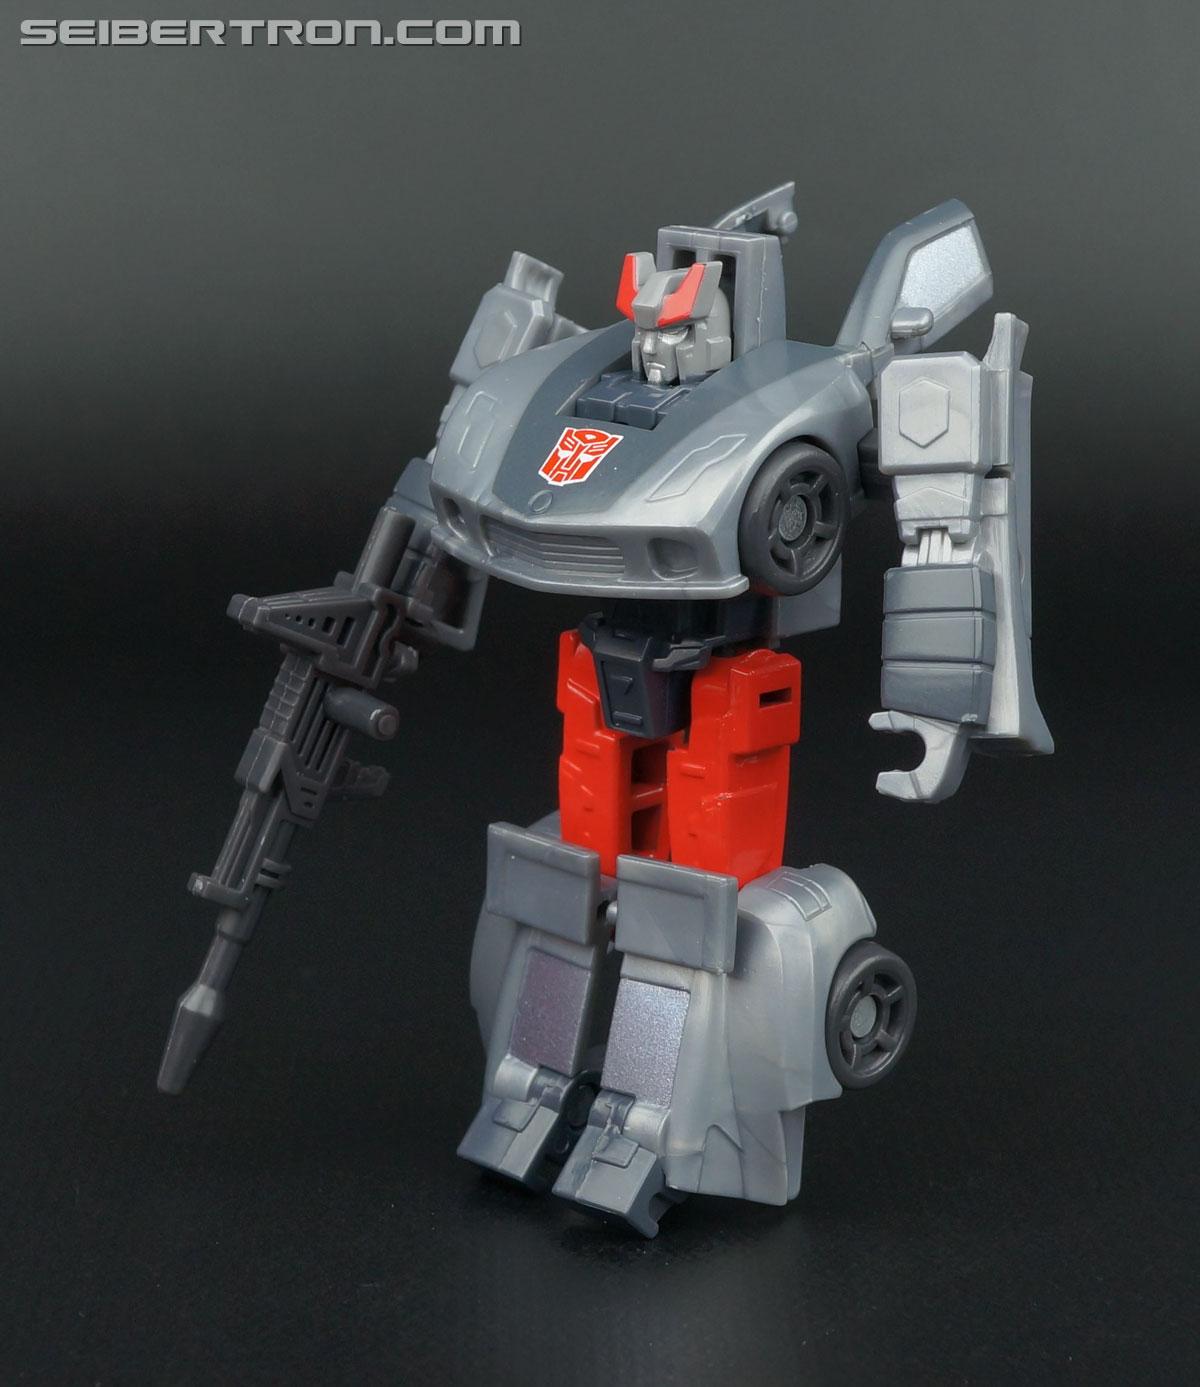 Transformers Generations Bluestreak (Silverstreak) (Image #60 of 101)